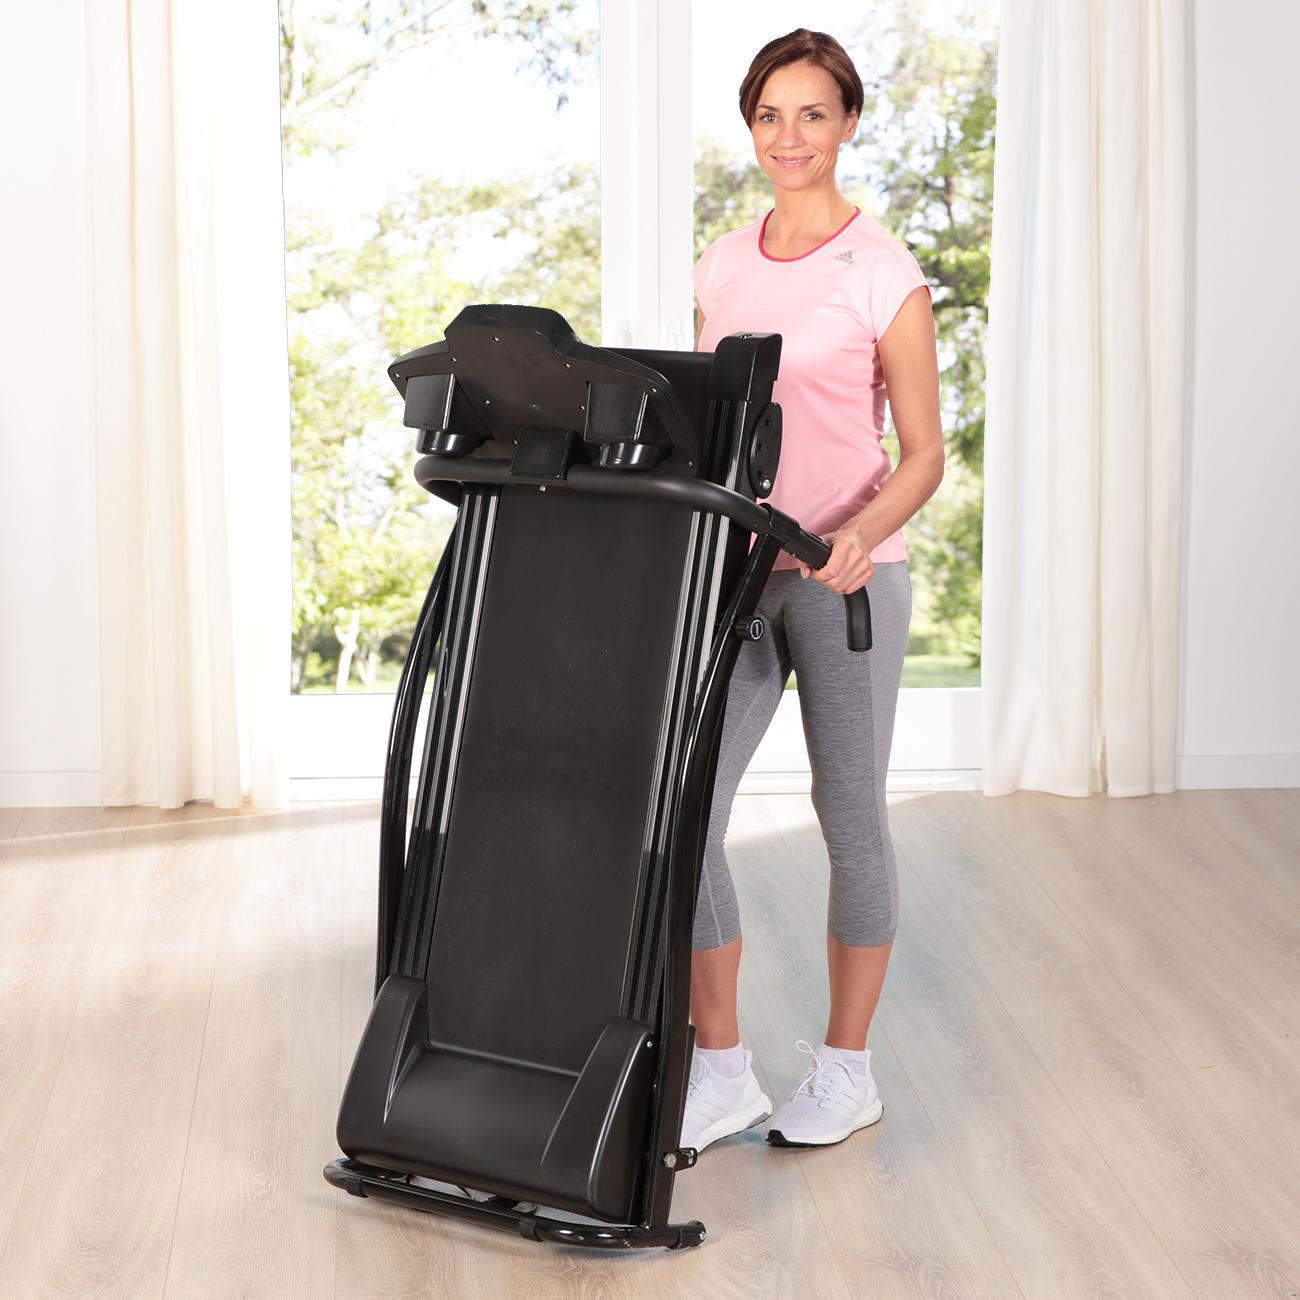 Nach dem Training einfach wegrollen und verstauen - Das Laufband aktiv Vital Pro ist ein echtes Platzspar-Wunder!